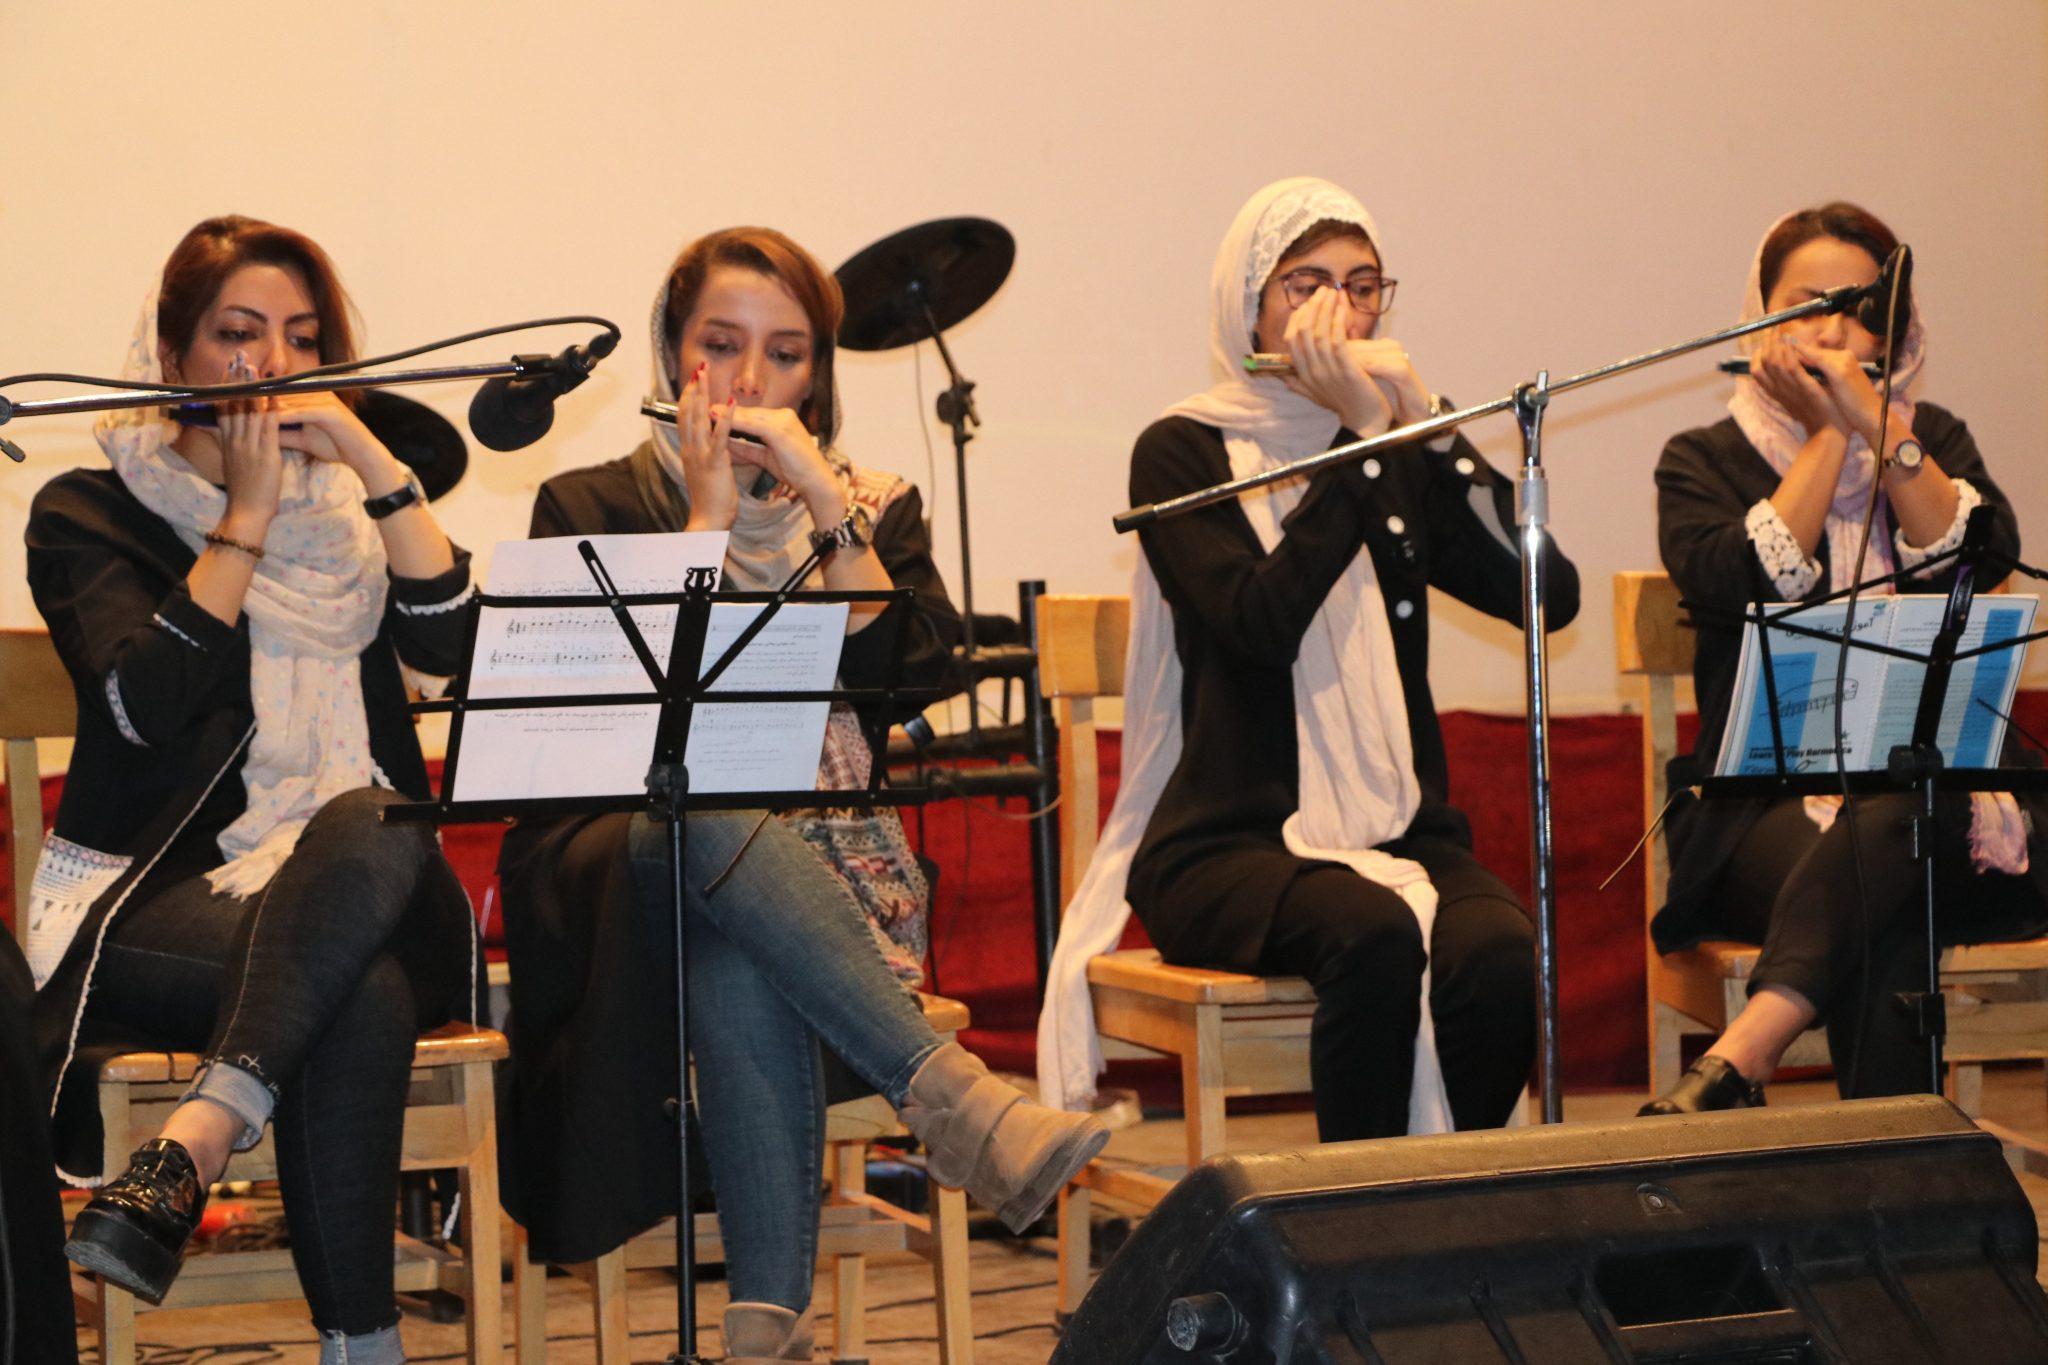 جشن یلدای هنرمندان در برازجان